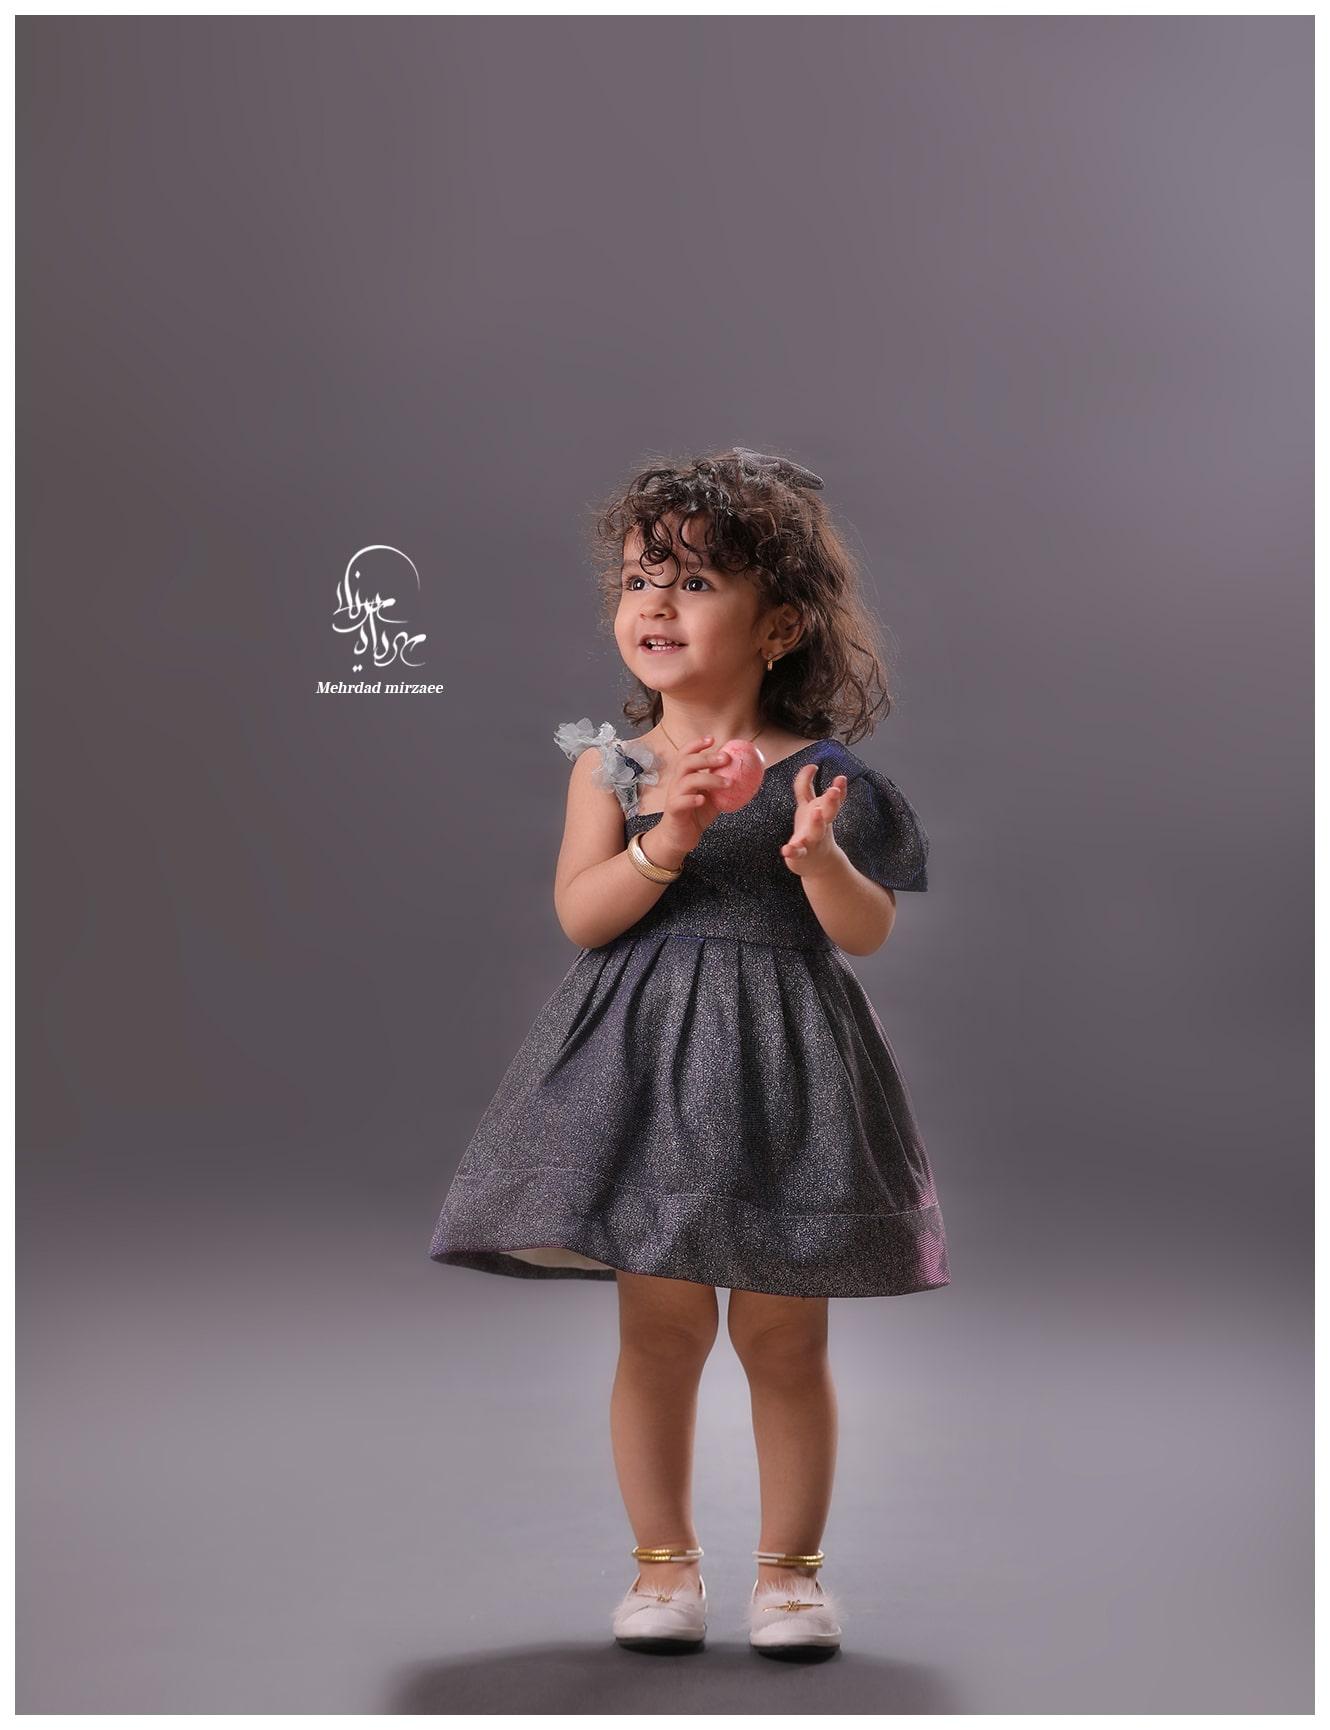 آتلیه کودک در کرج / آتلیه کودک / ژست عکس کودک دختر /عکس کودک /آتلیه کودک /